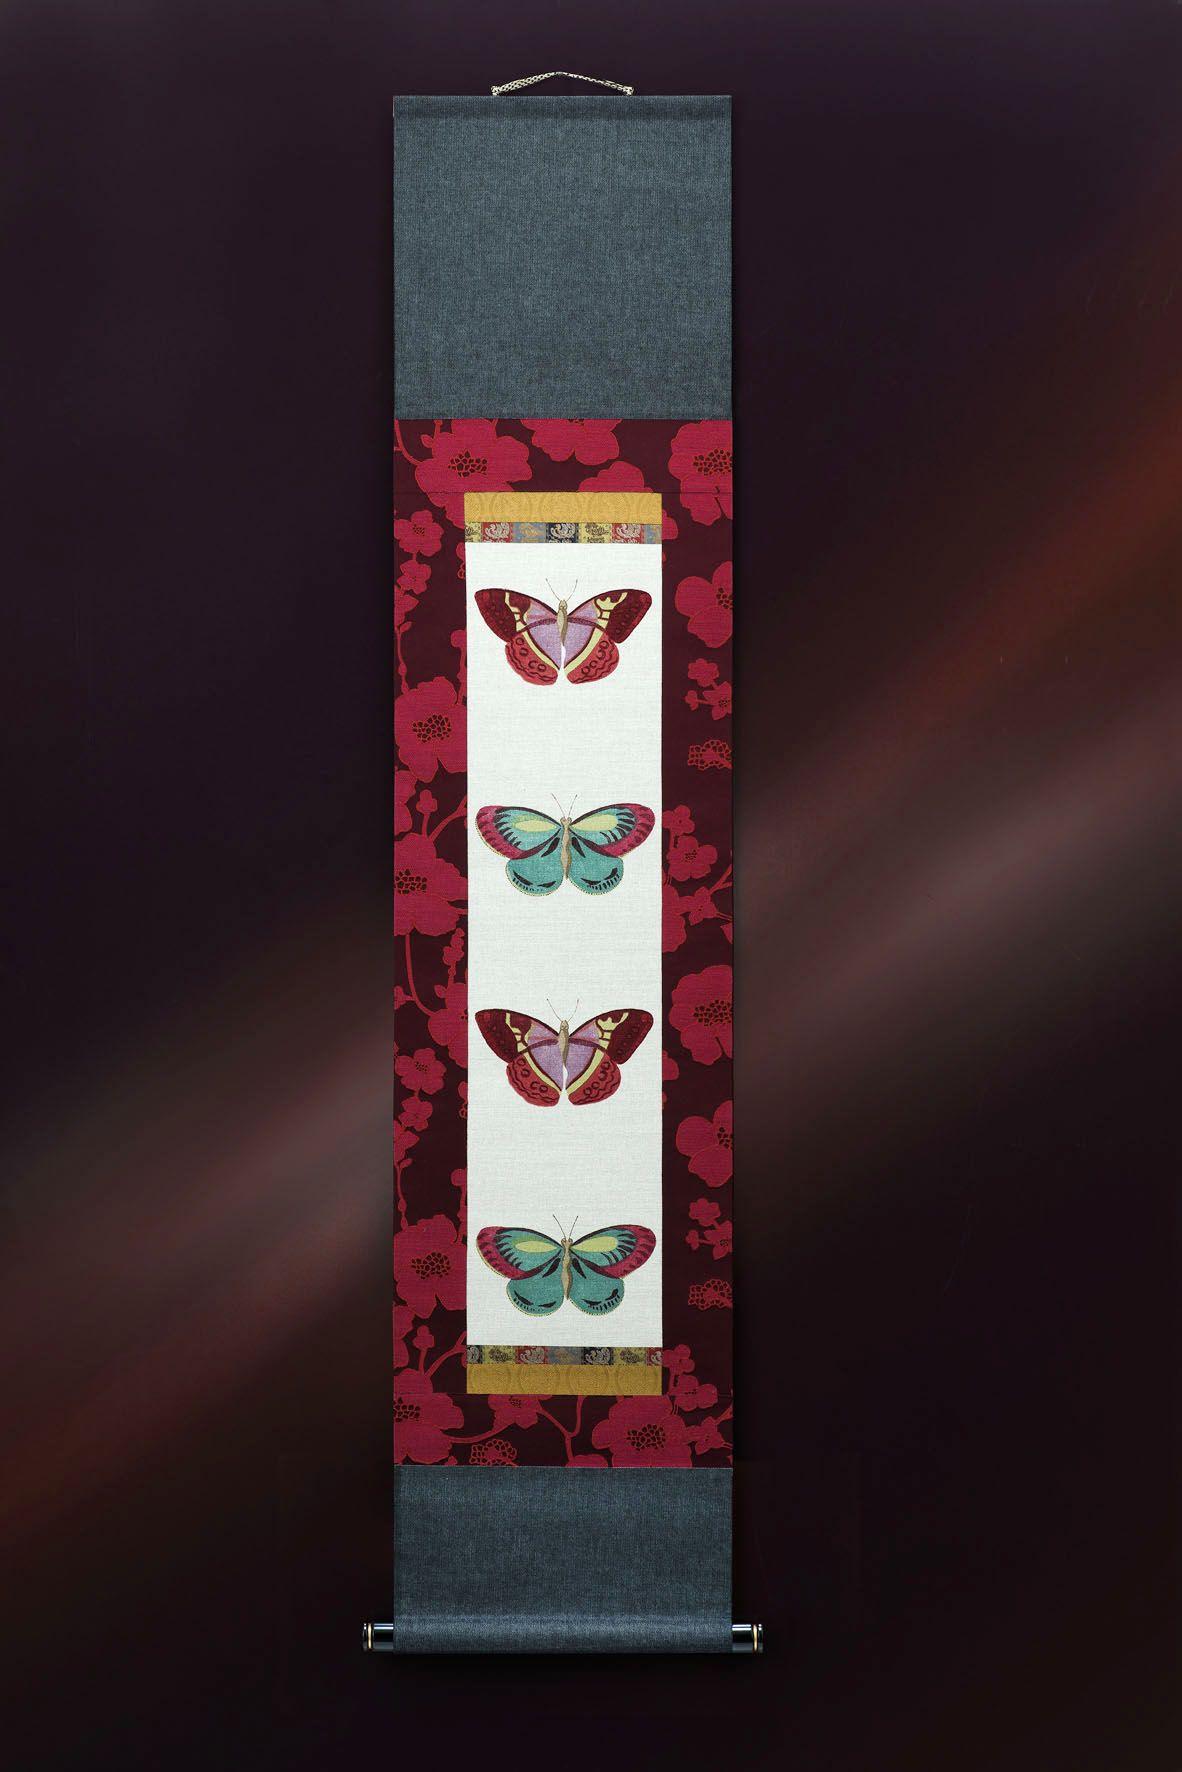 日本伝統の掛軸がヨーロッパの耽美なスタイルで甦る 芥子の花と四匹の蝶 伝統的な掛軸の表装仕立ては守りながら 従来の既成概念を壊すことから考えました たまたまイタリア製の耽美な雰囲気の芥子の花 木の葉蝶をイメージしたファブリックに出会い これをモチーフ